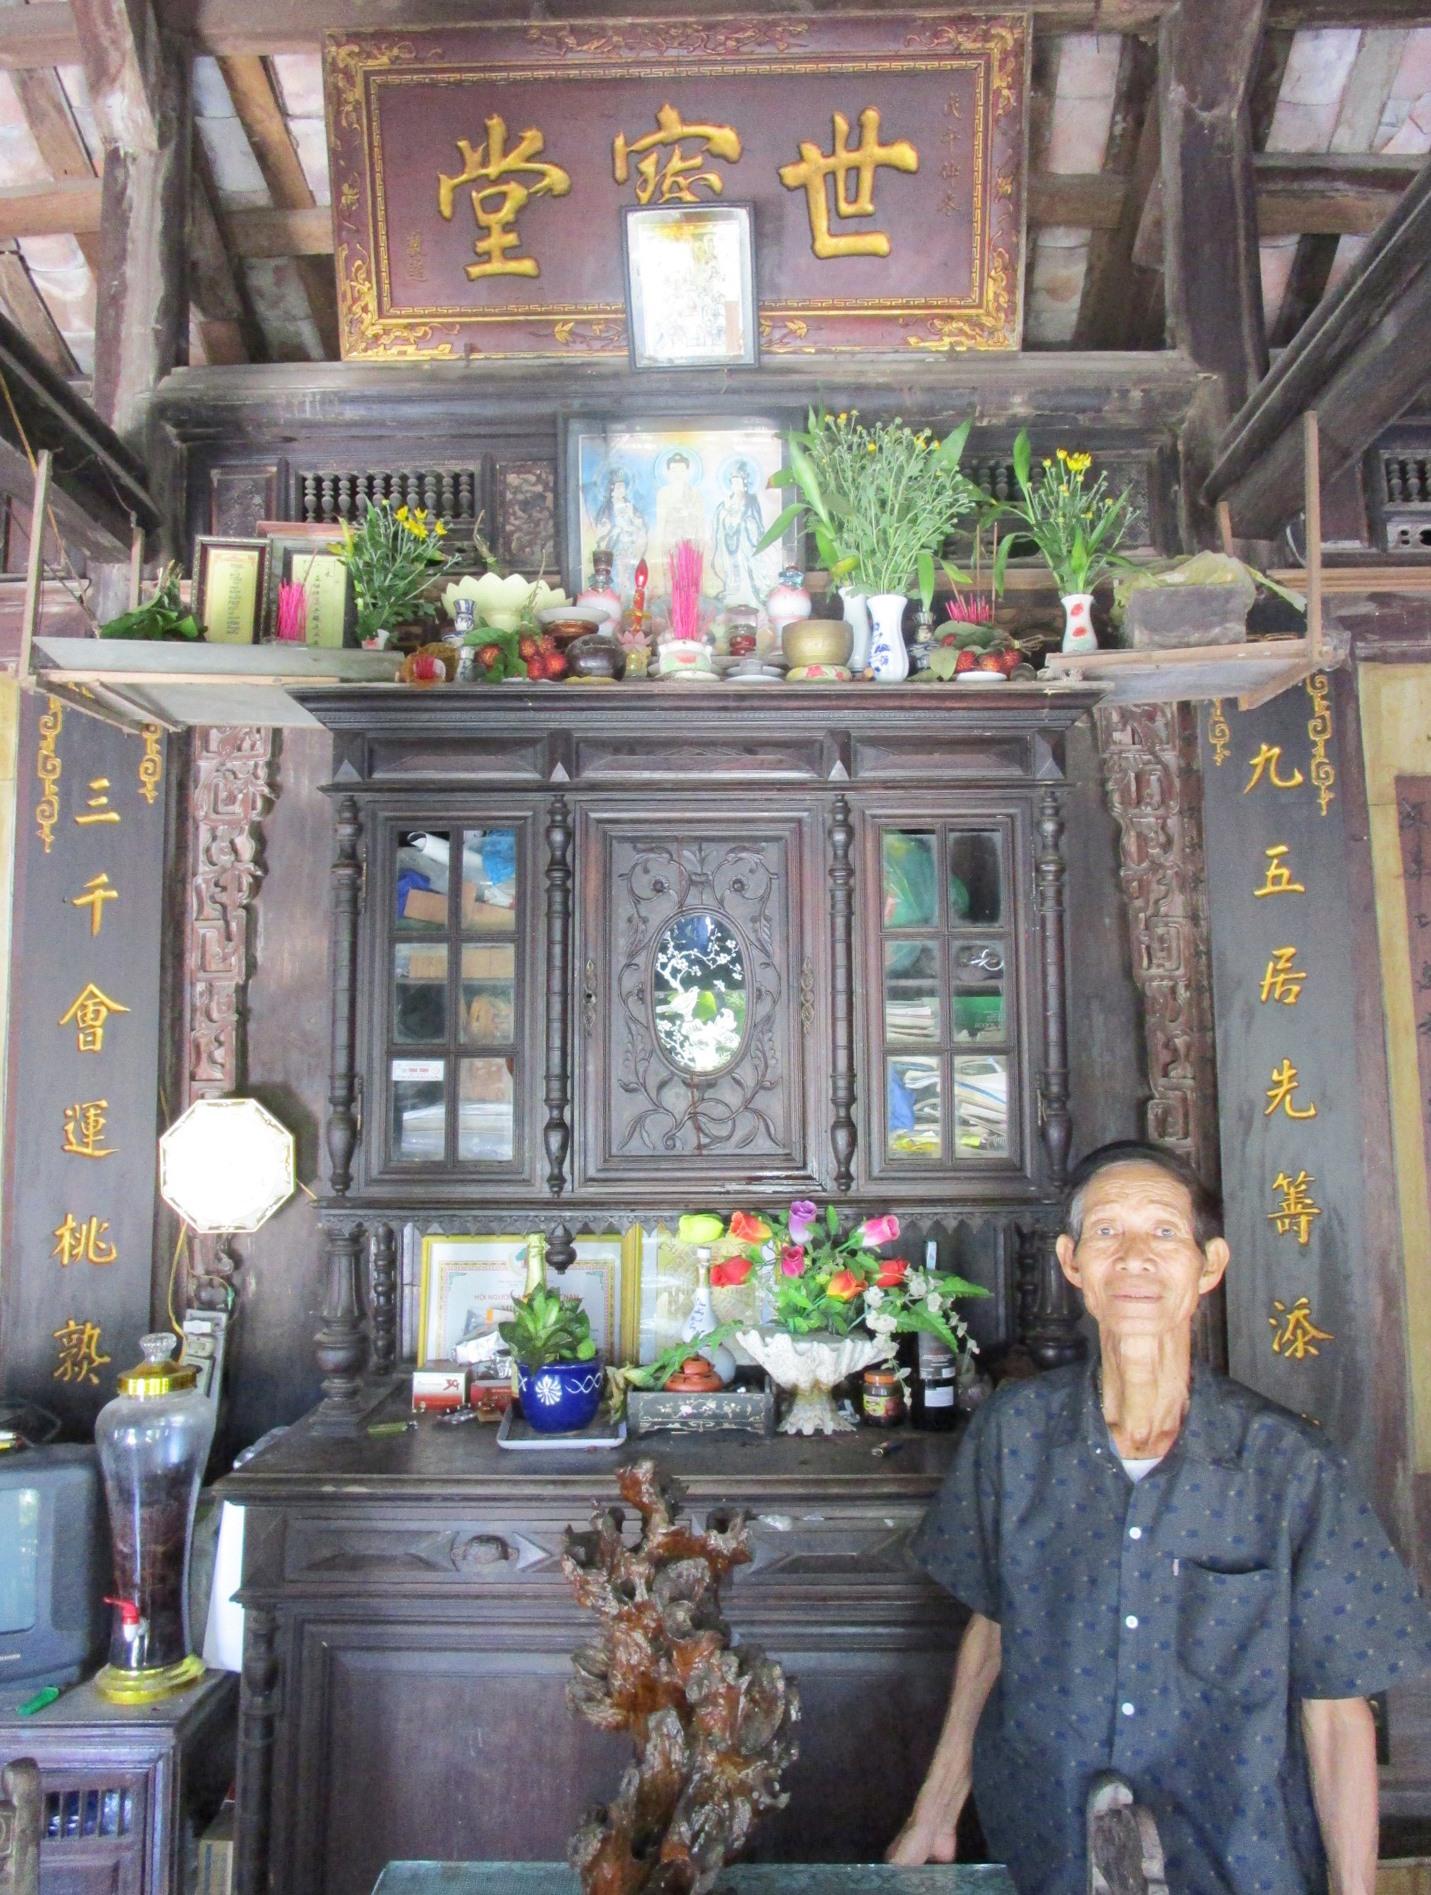 Ông Phạm Tấn Tuấn trước bàn thờ nhà cổ có lưu thơ Hà Đình. Ảnh: PHÚ BÌNH